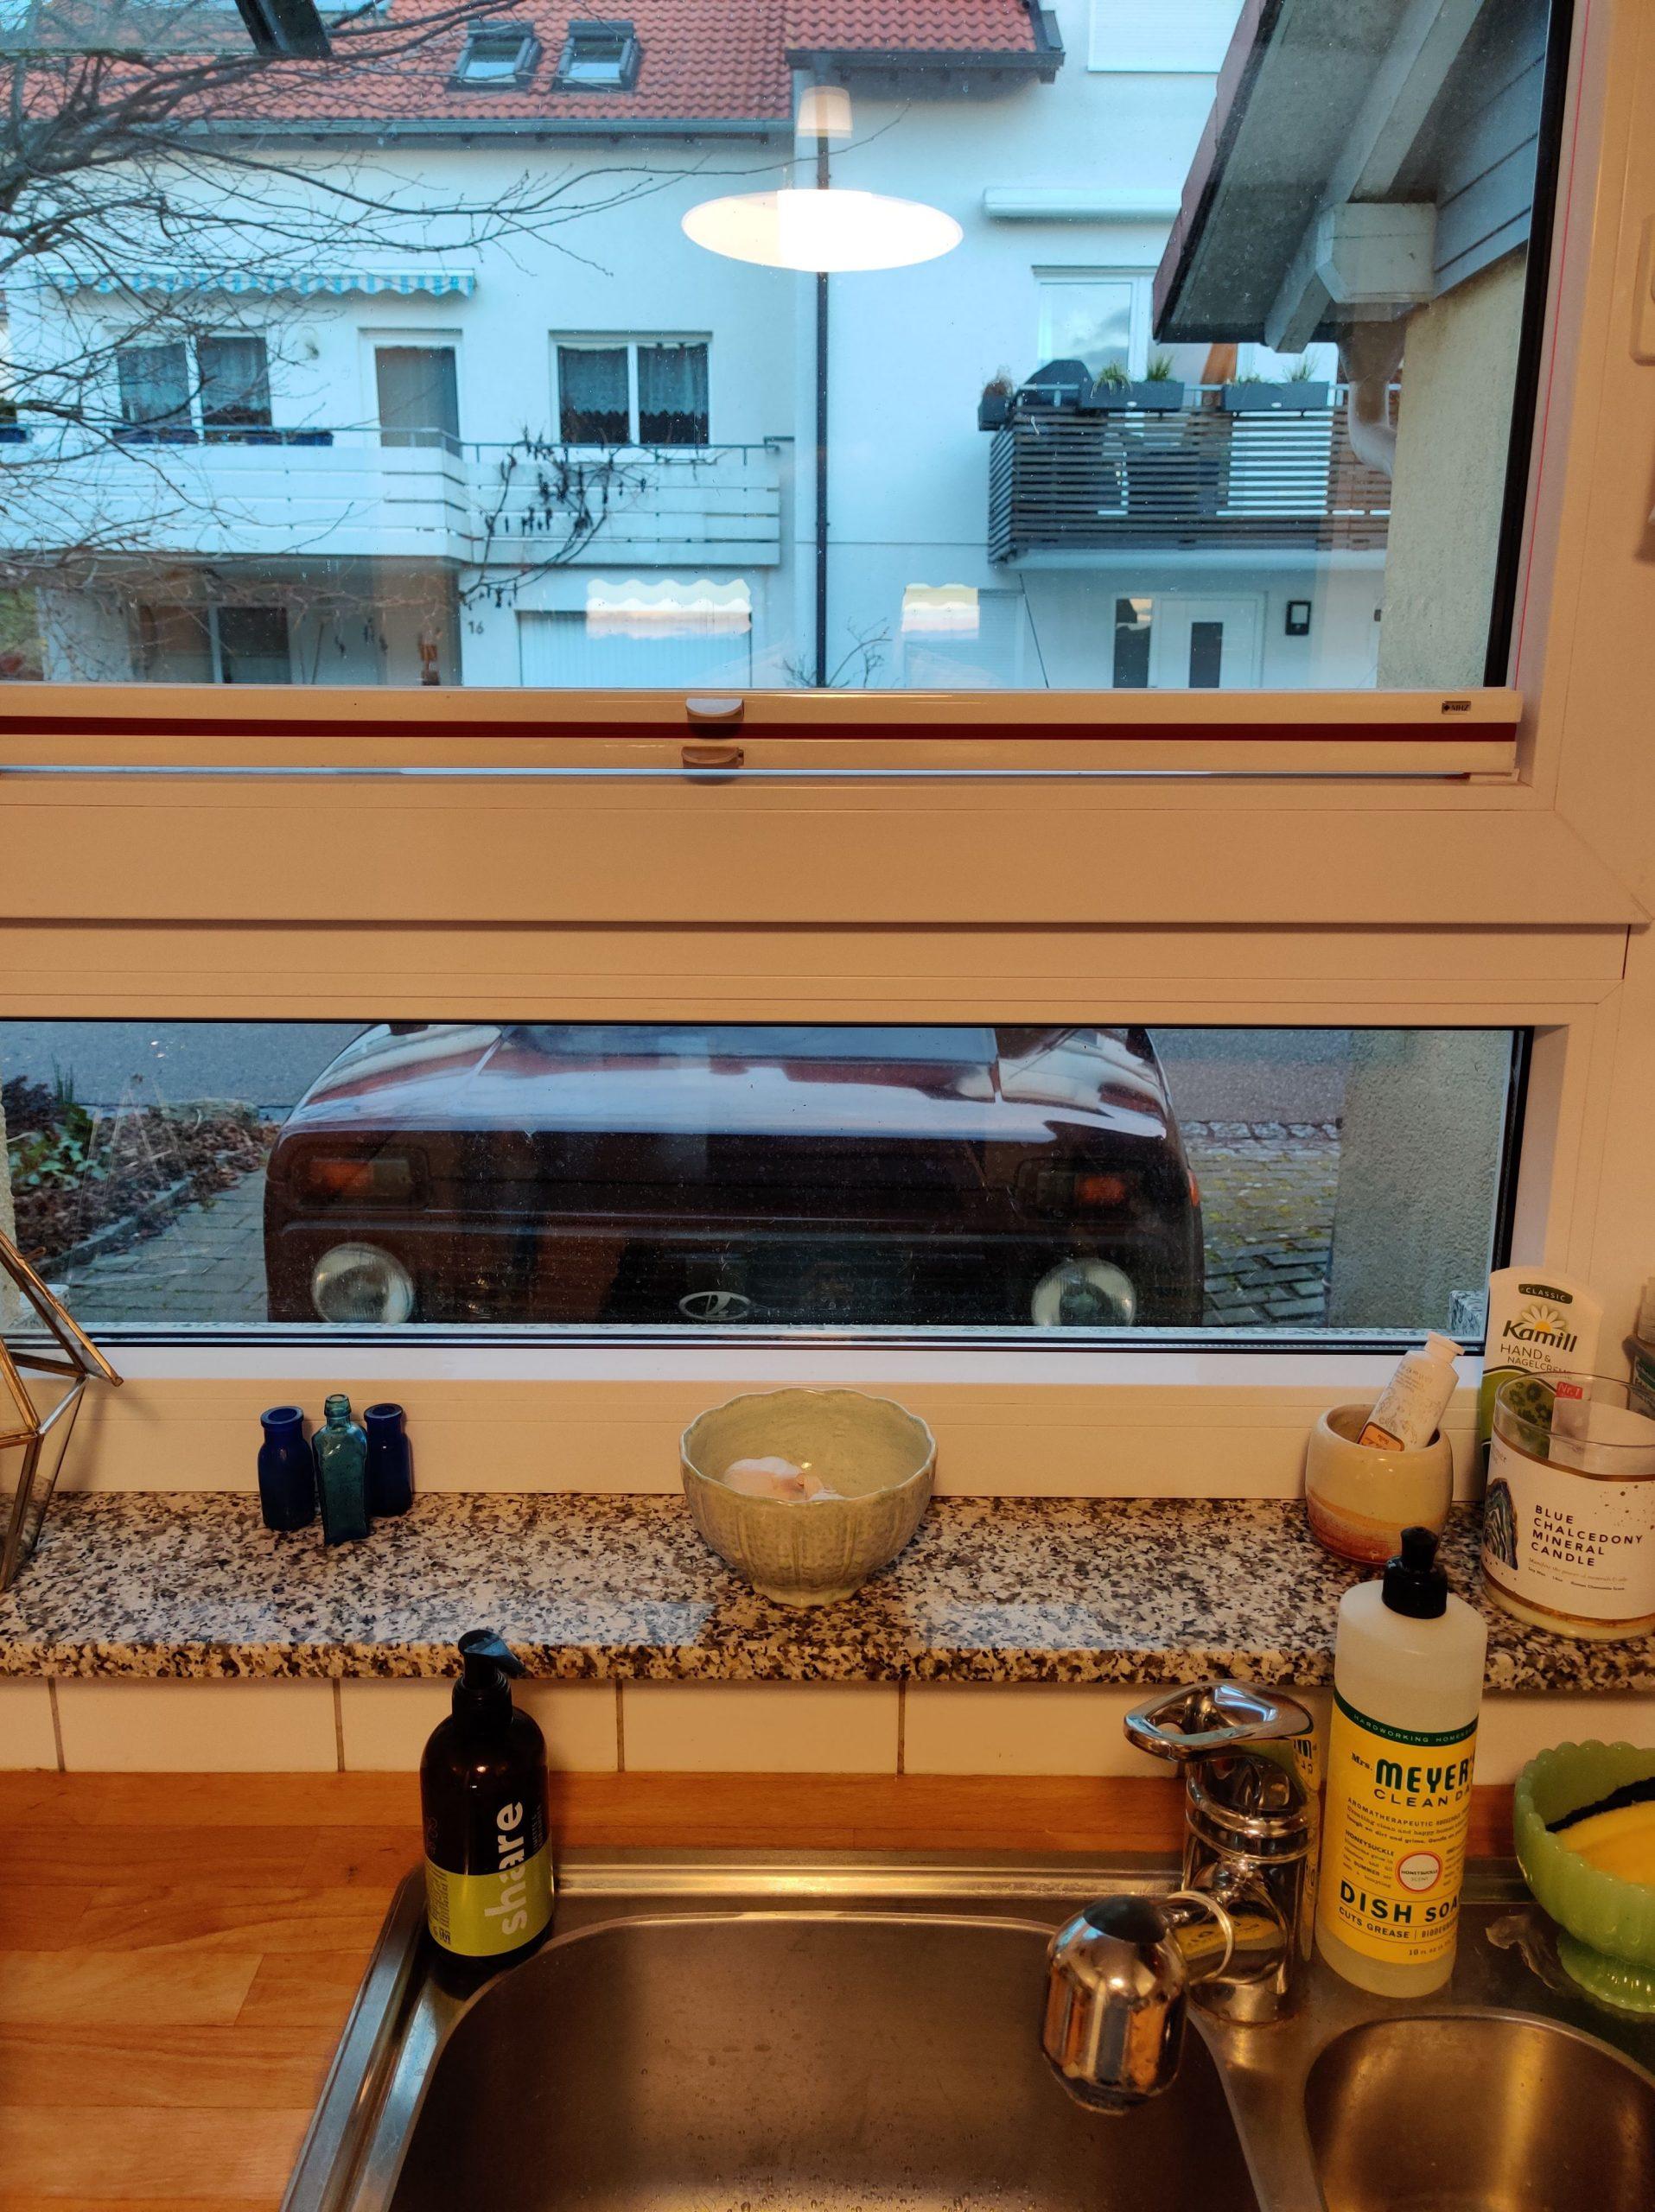 lada niva from kitchen window